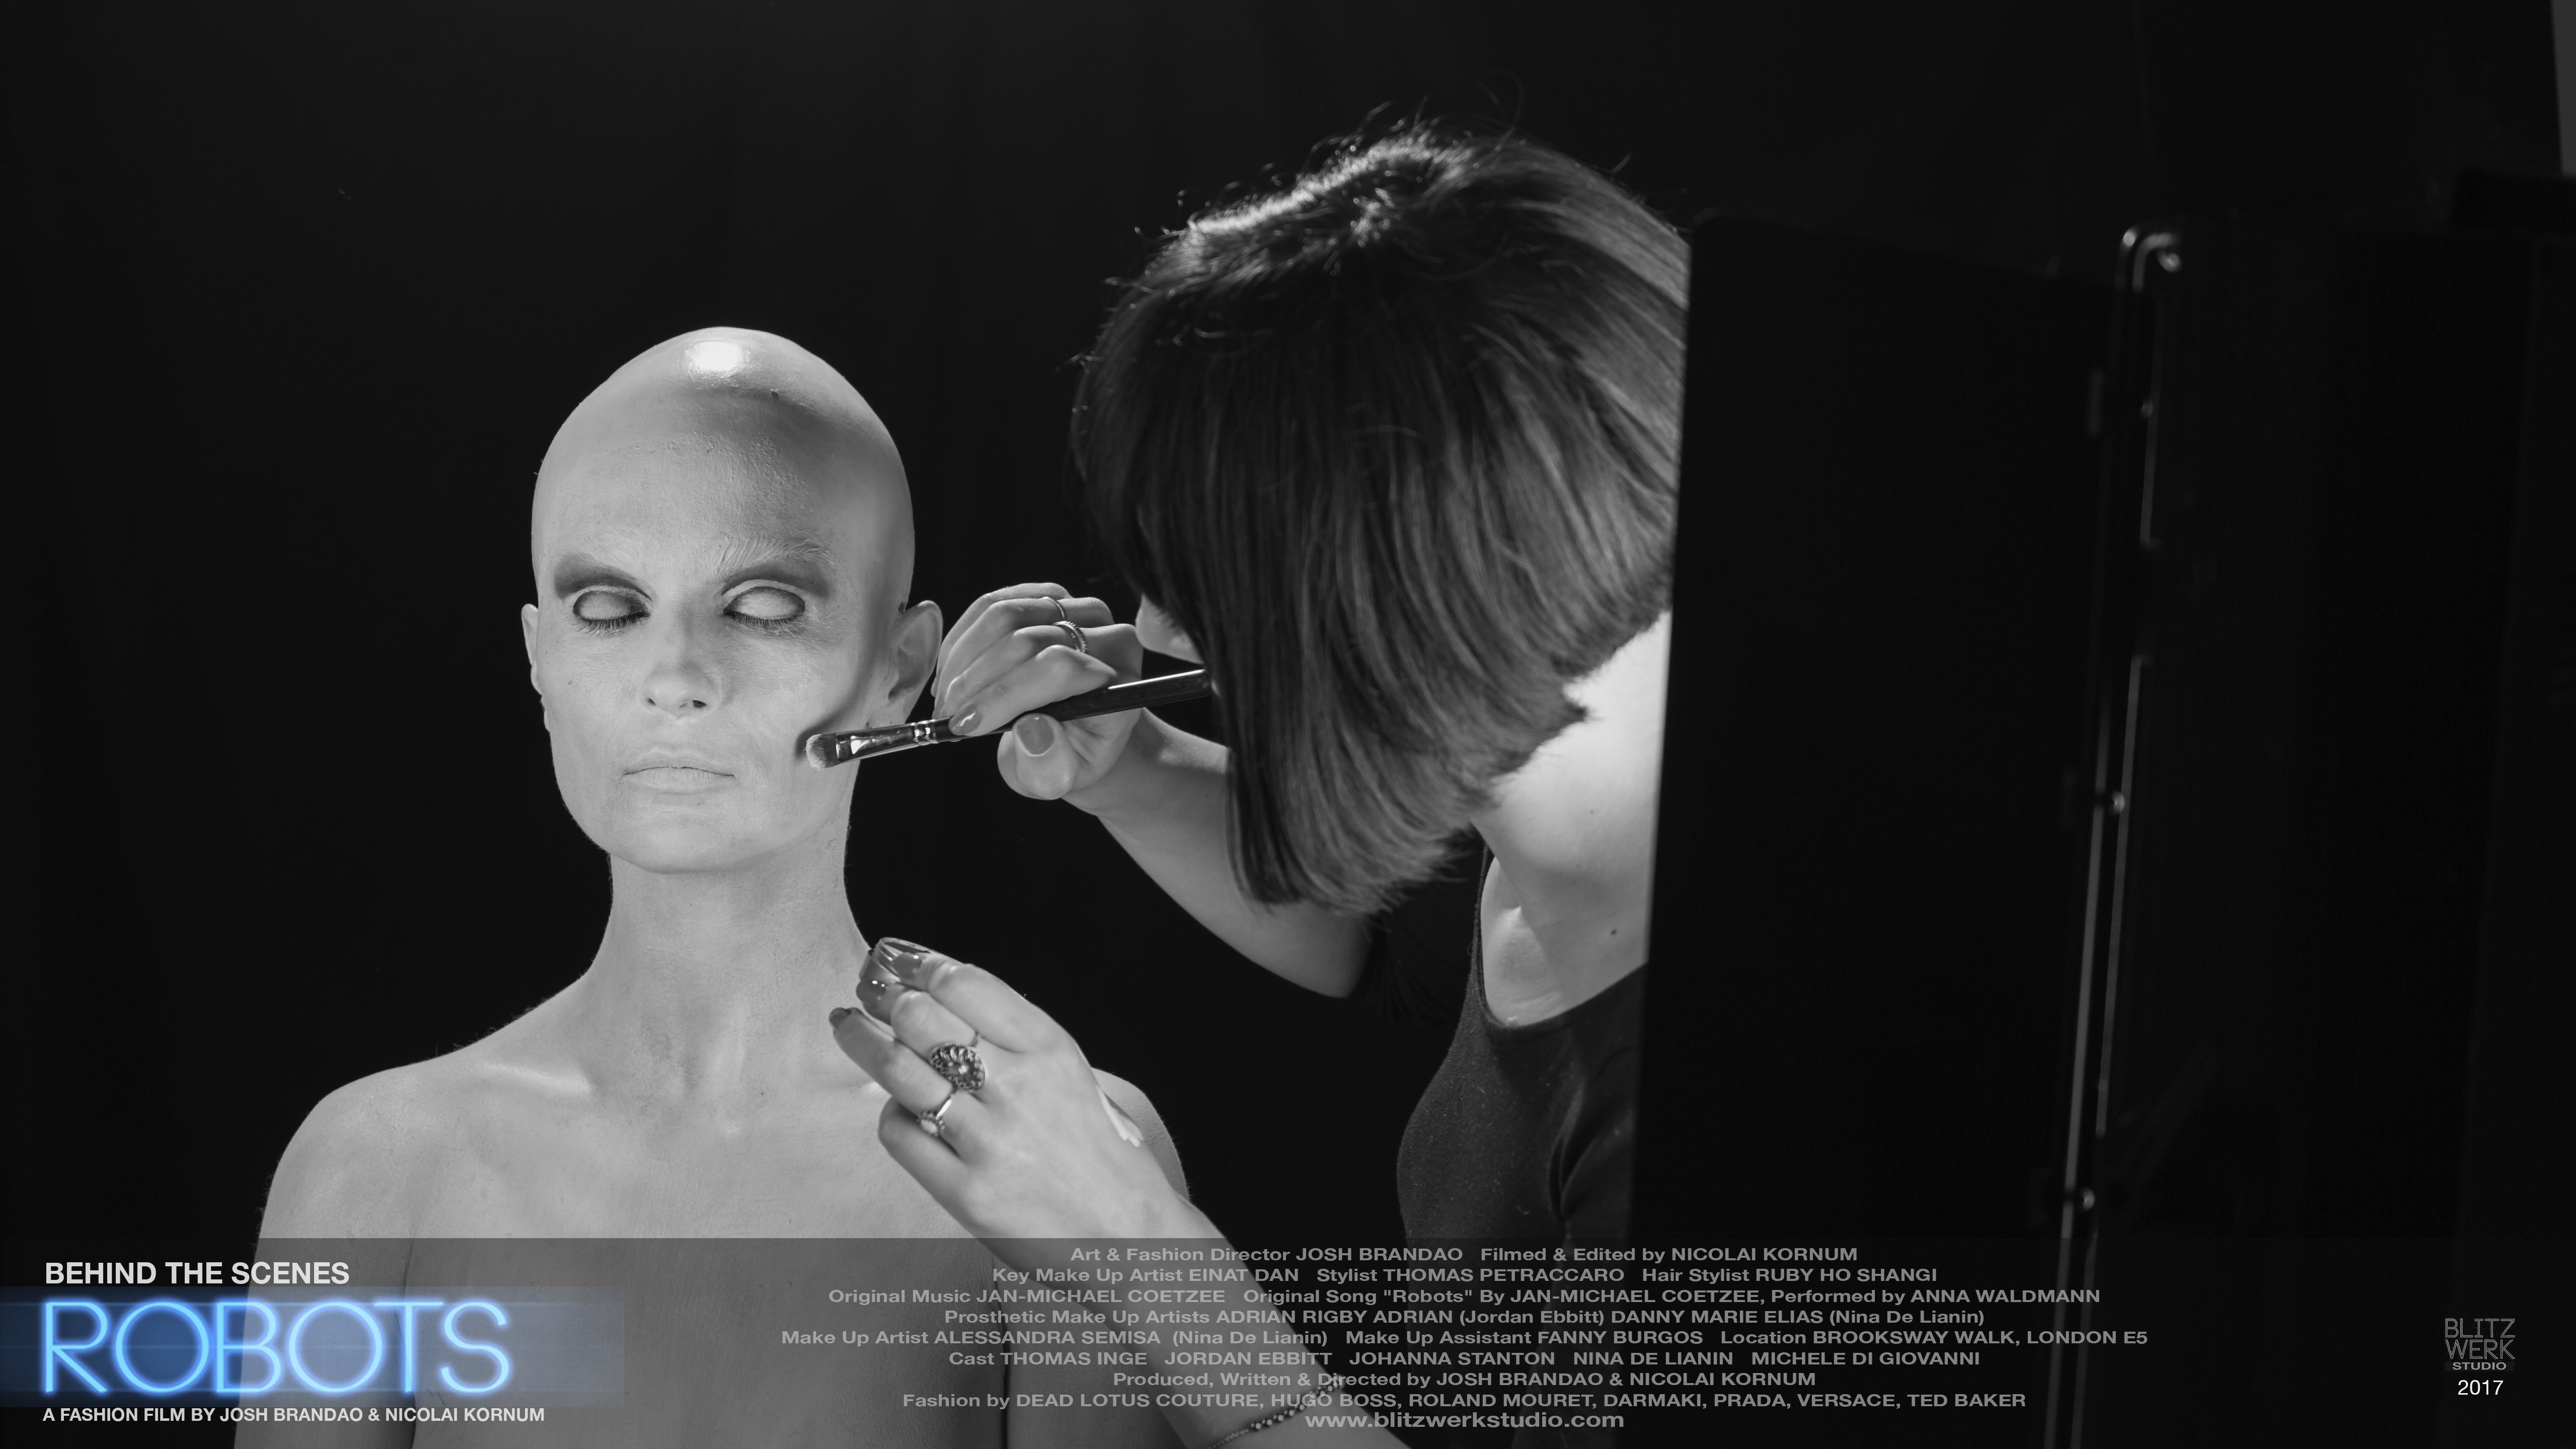 ROBOTS BTS STILL 4 Nina de Lianin, Alessandra Semisa